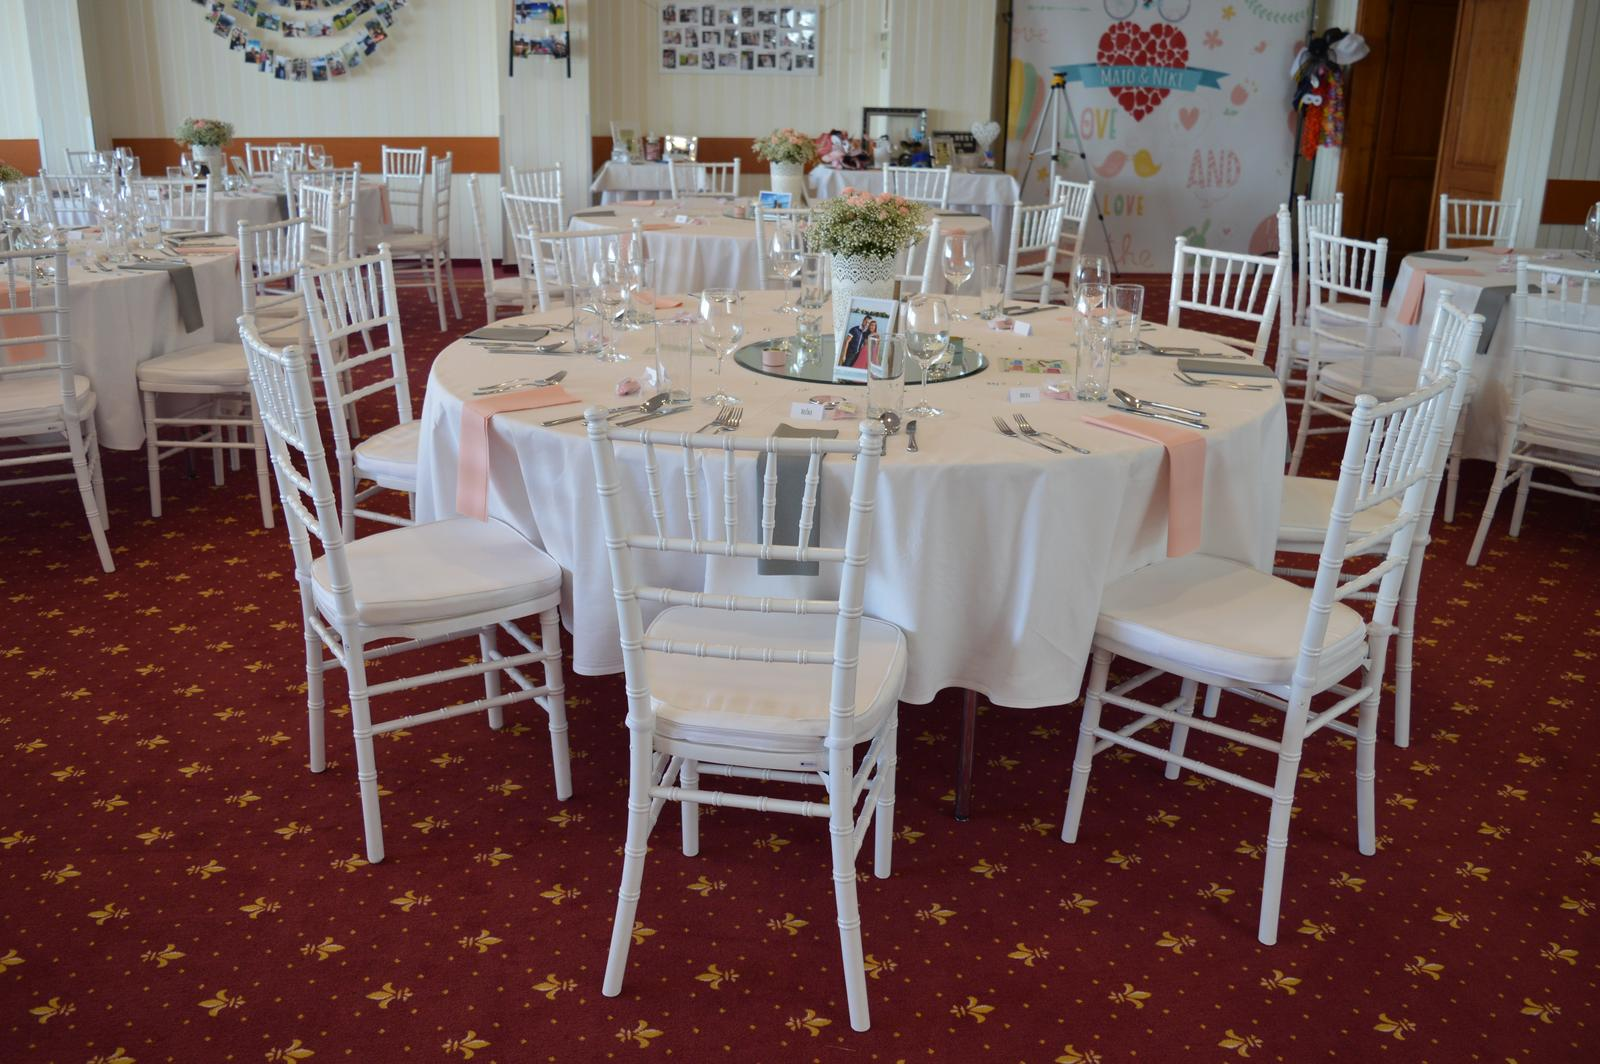 Biele chiavari stoličky prenájom 2,50 Eur - Obrázok č. 2